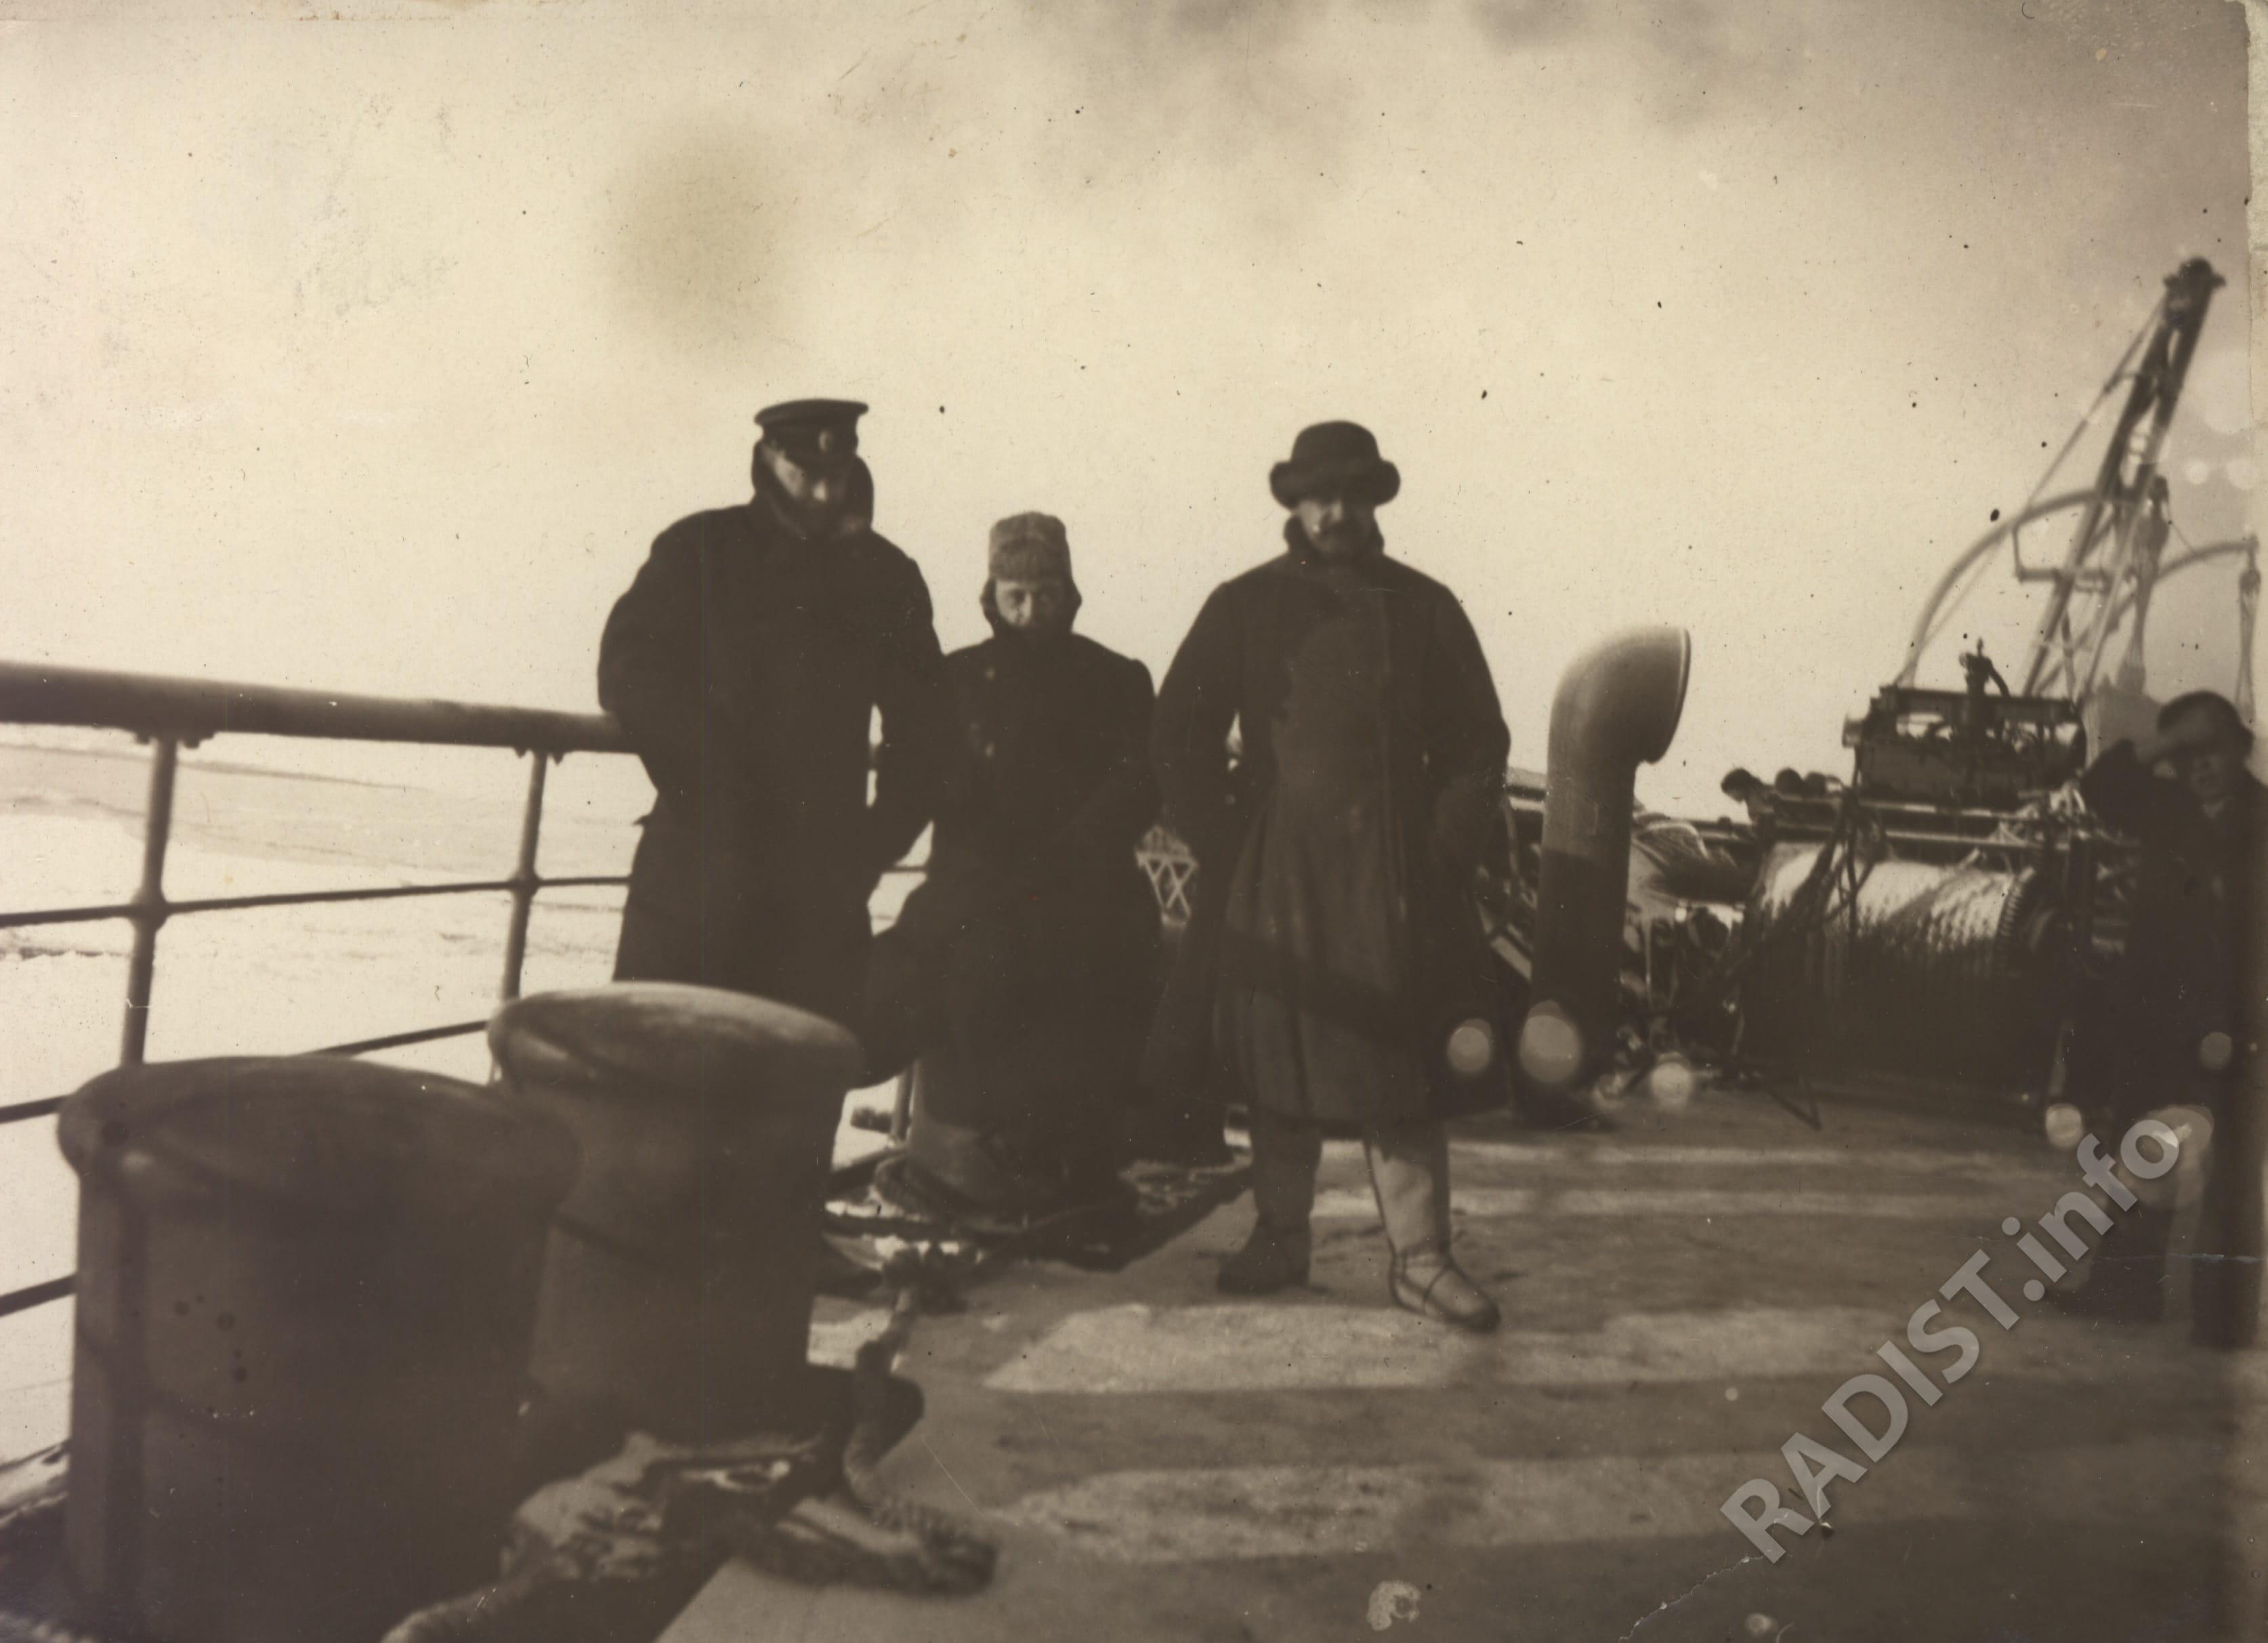 П.Н. Рыбкин (в центре), И.И. Залевский и старший офицер ледокола «Ермак» на палубе ледокола во время возвращения на остров Гогланд, 1900 г.